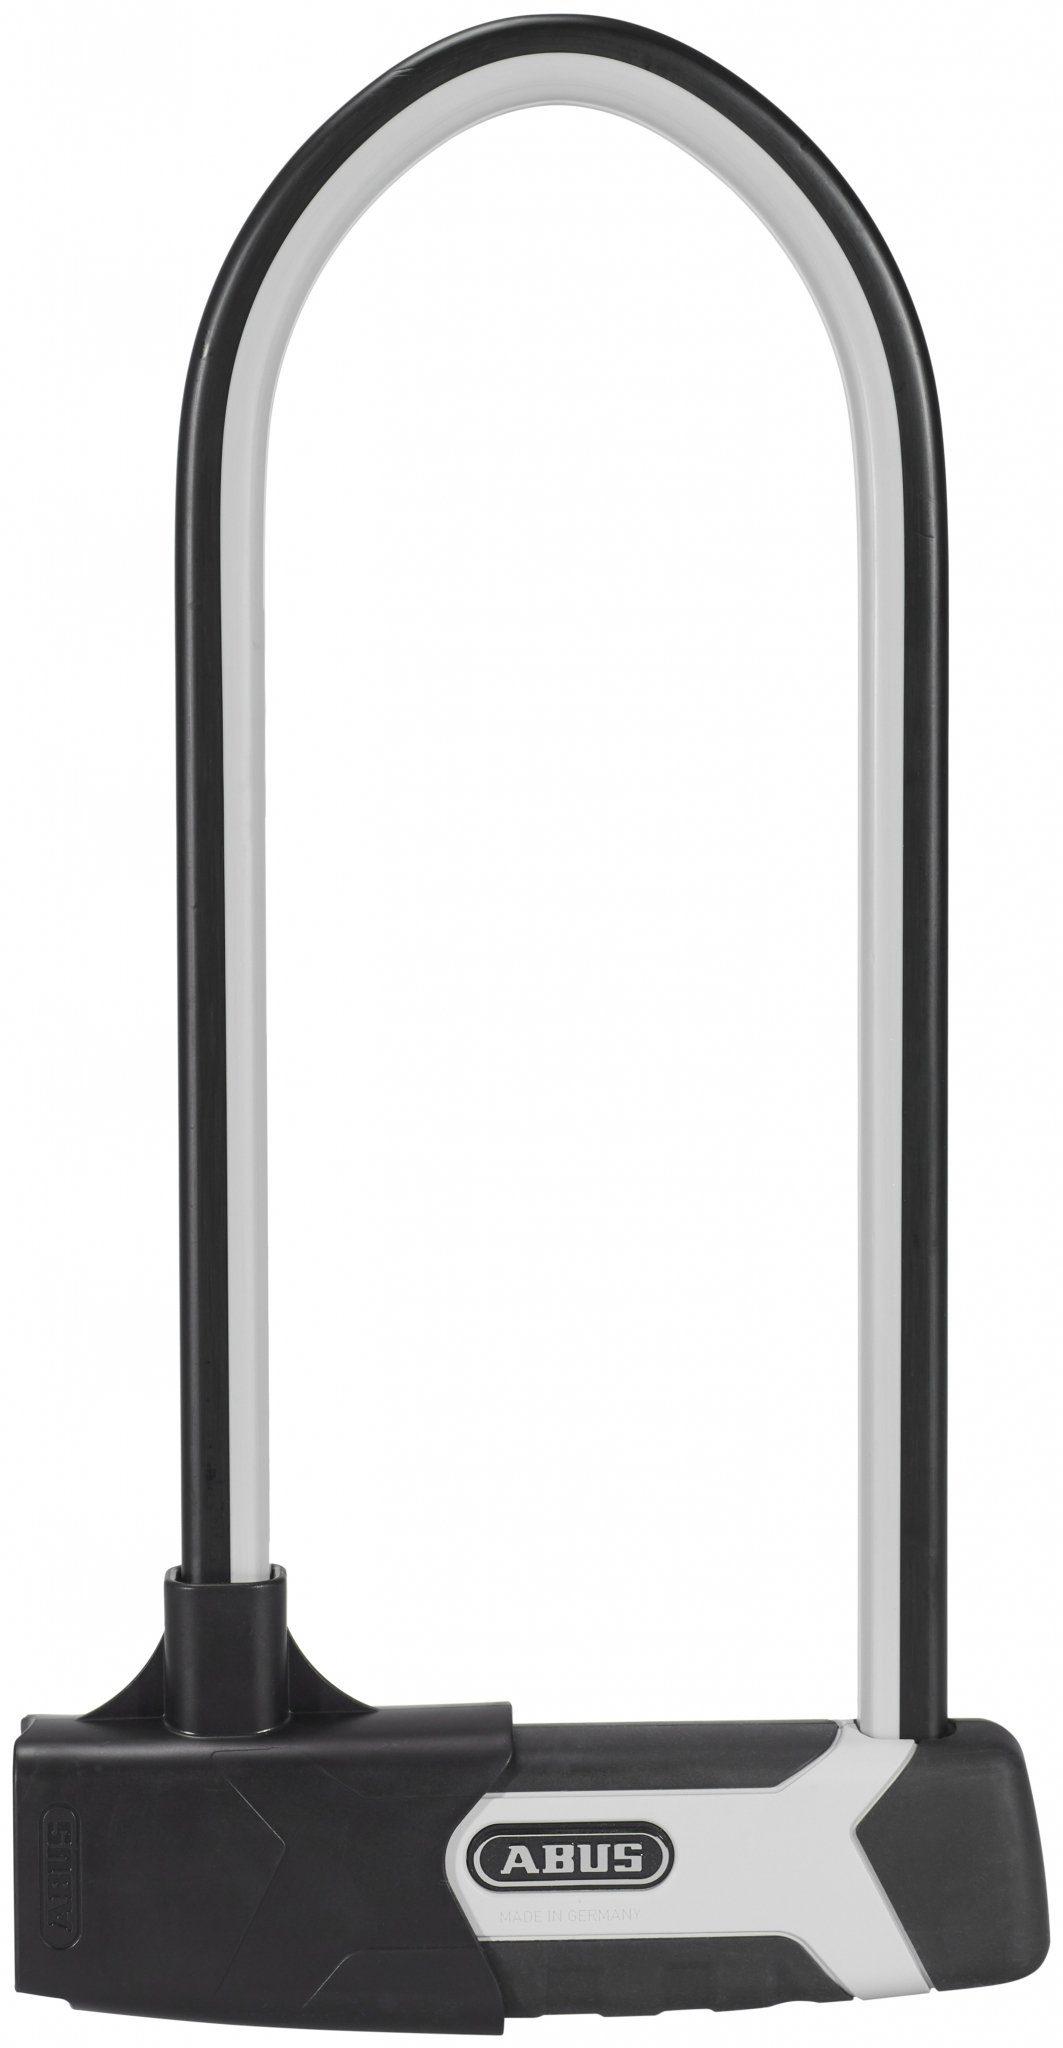 ABUS Fahrradschloss »Granit X-Plus 540/160HB300 Bügelschloss + USH 540«